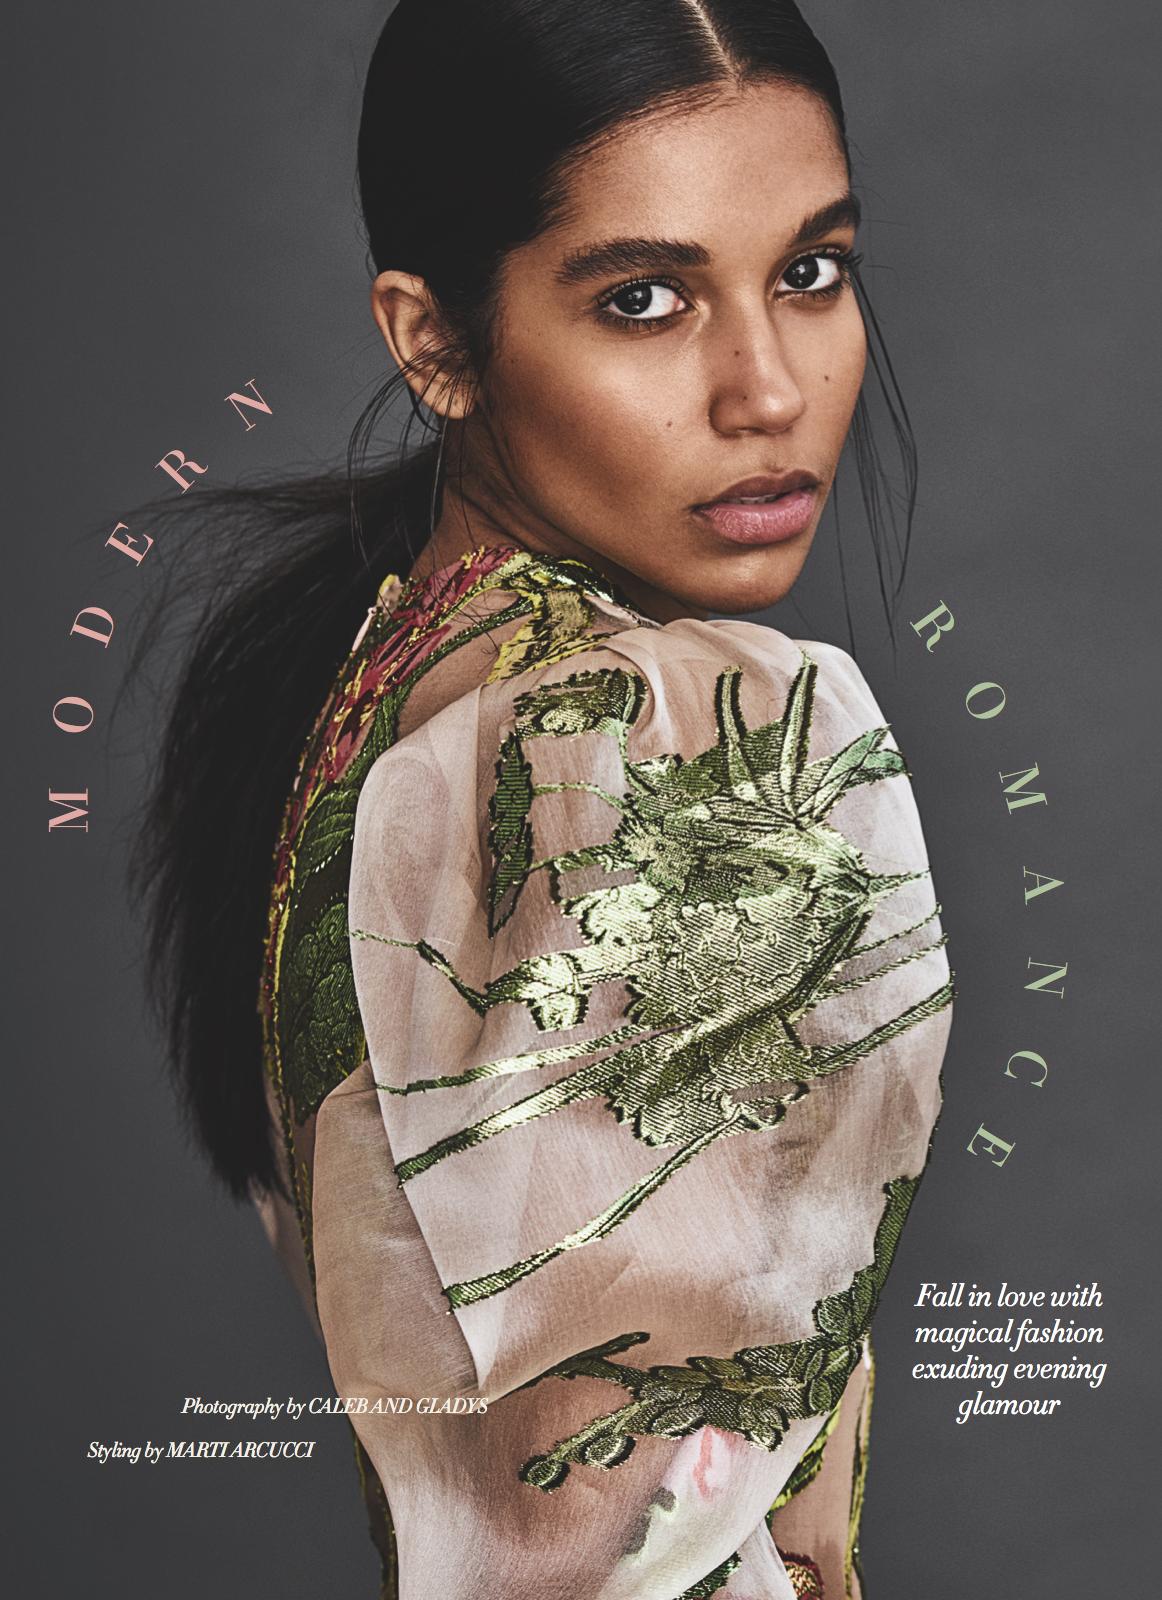 06/2018 Harper's Bazaar Arabia June 2018 Issue